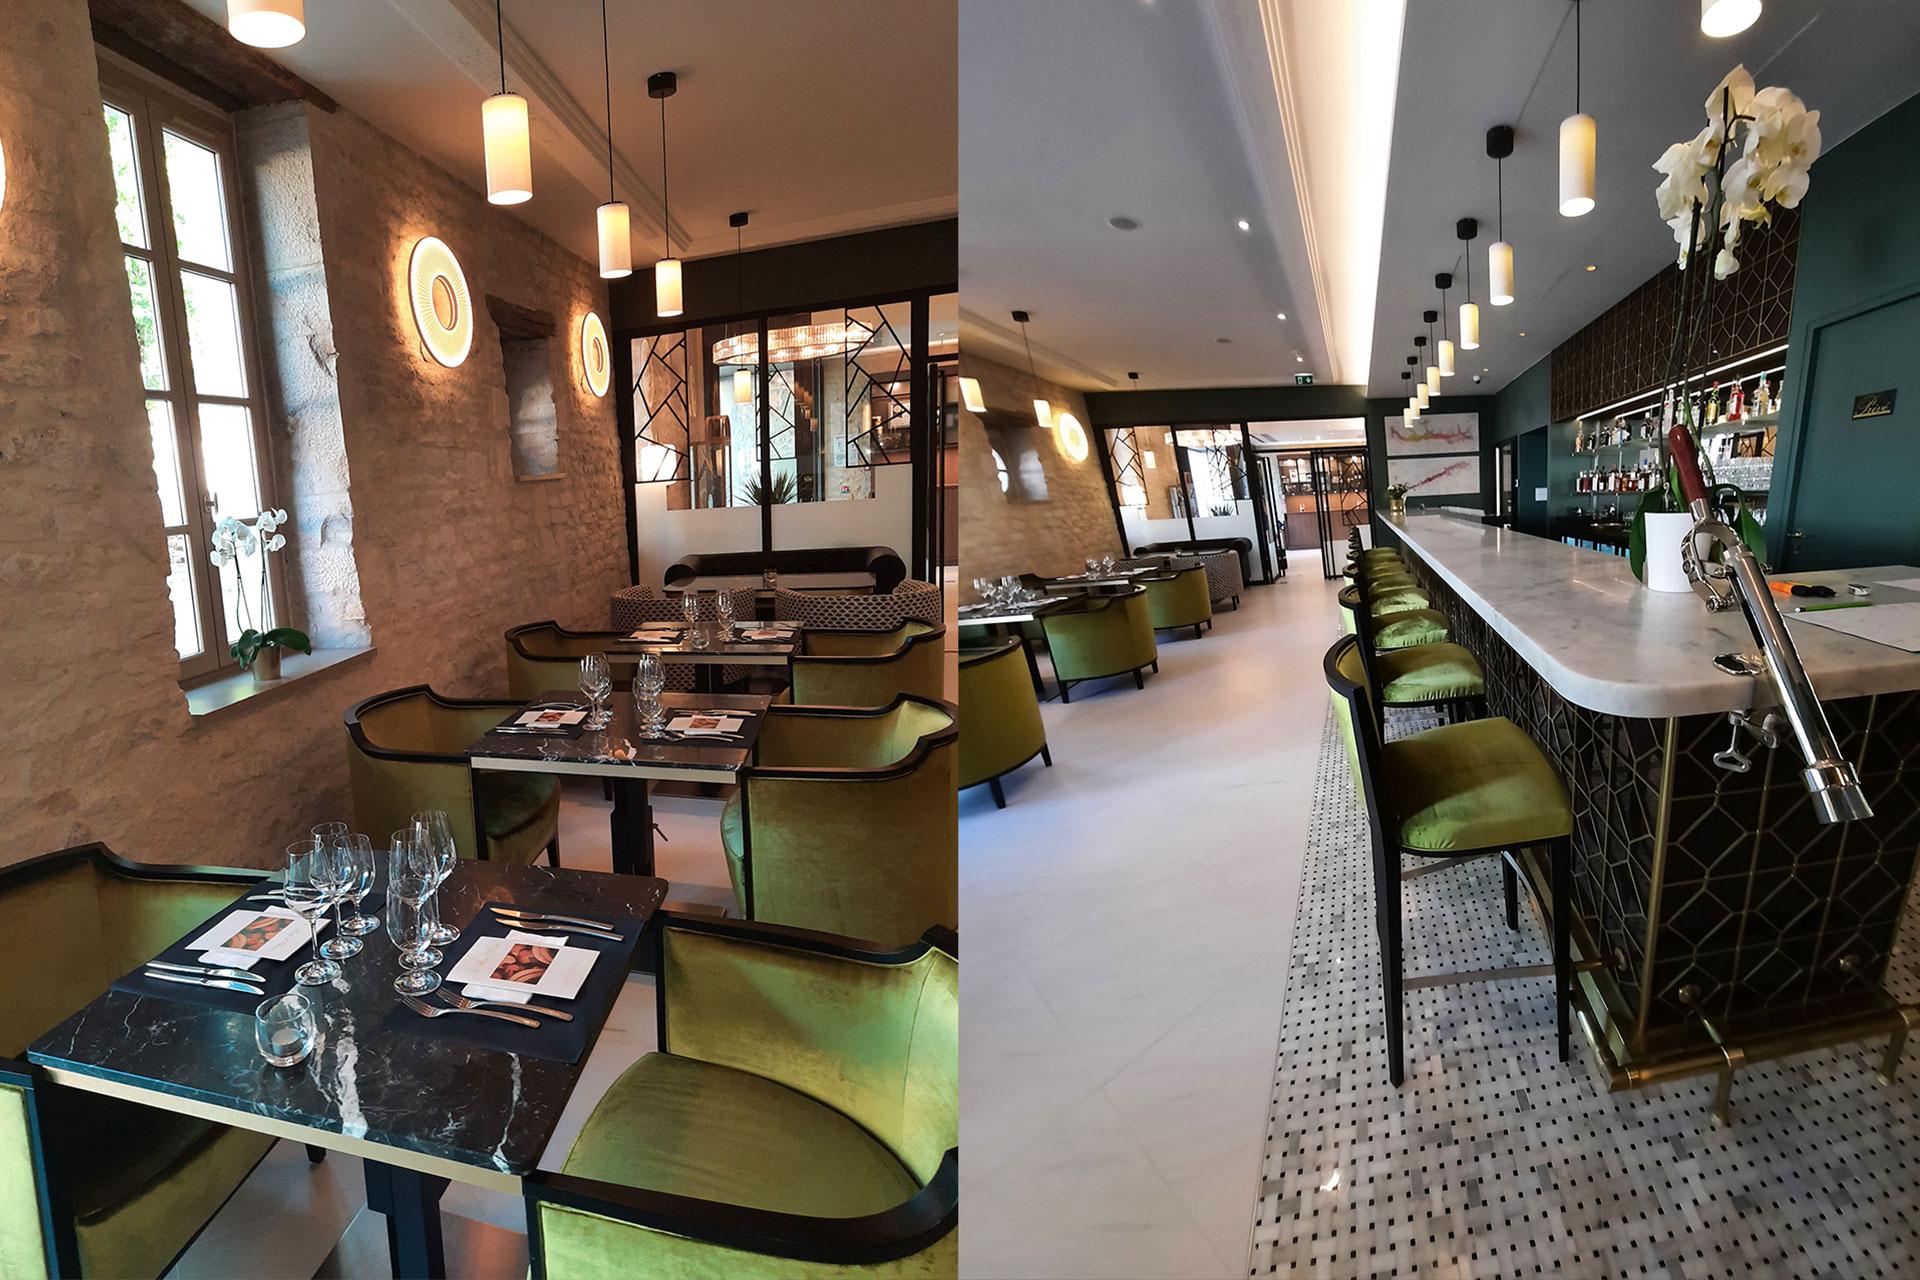 hotel-restaurant-olivier-leflaive_11